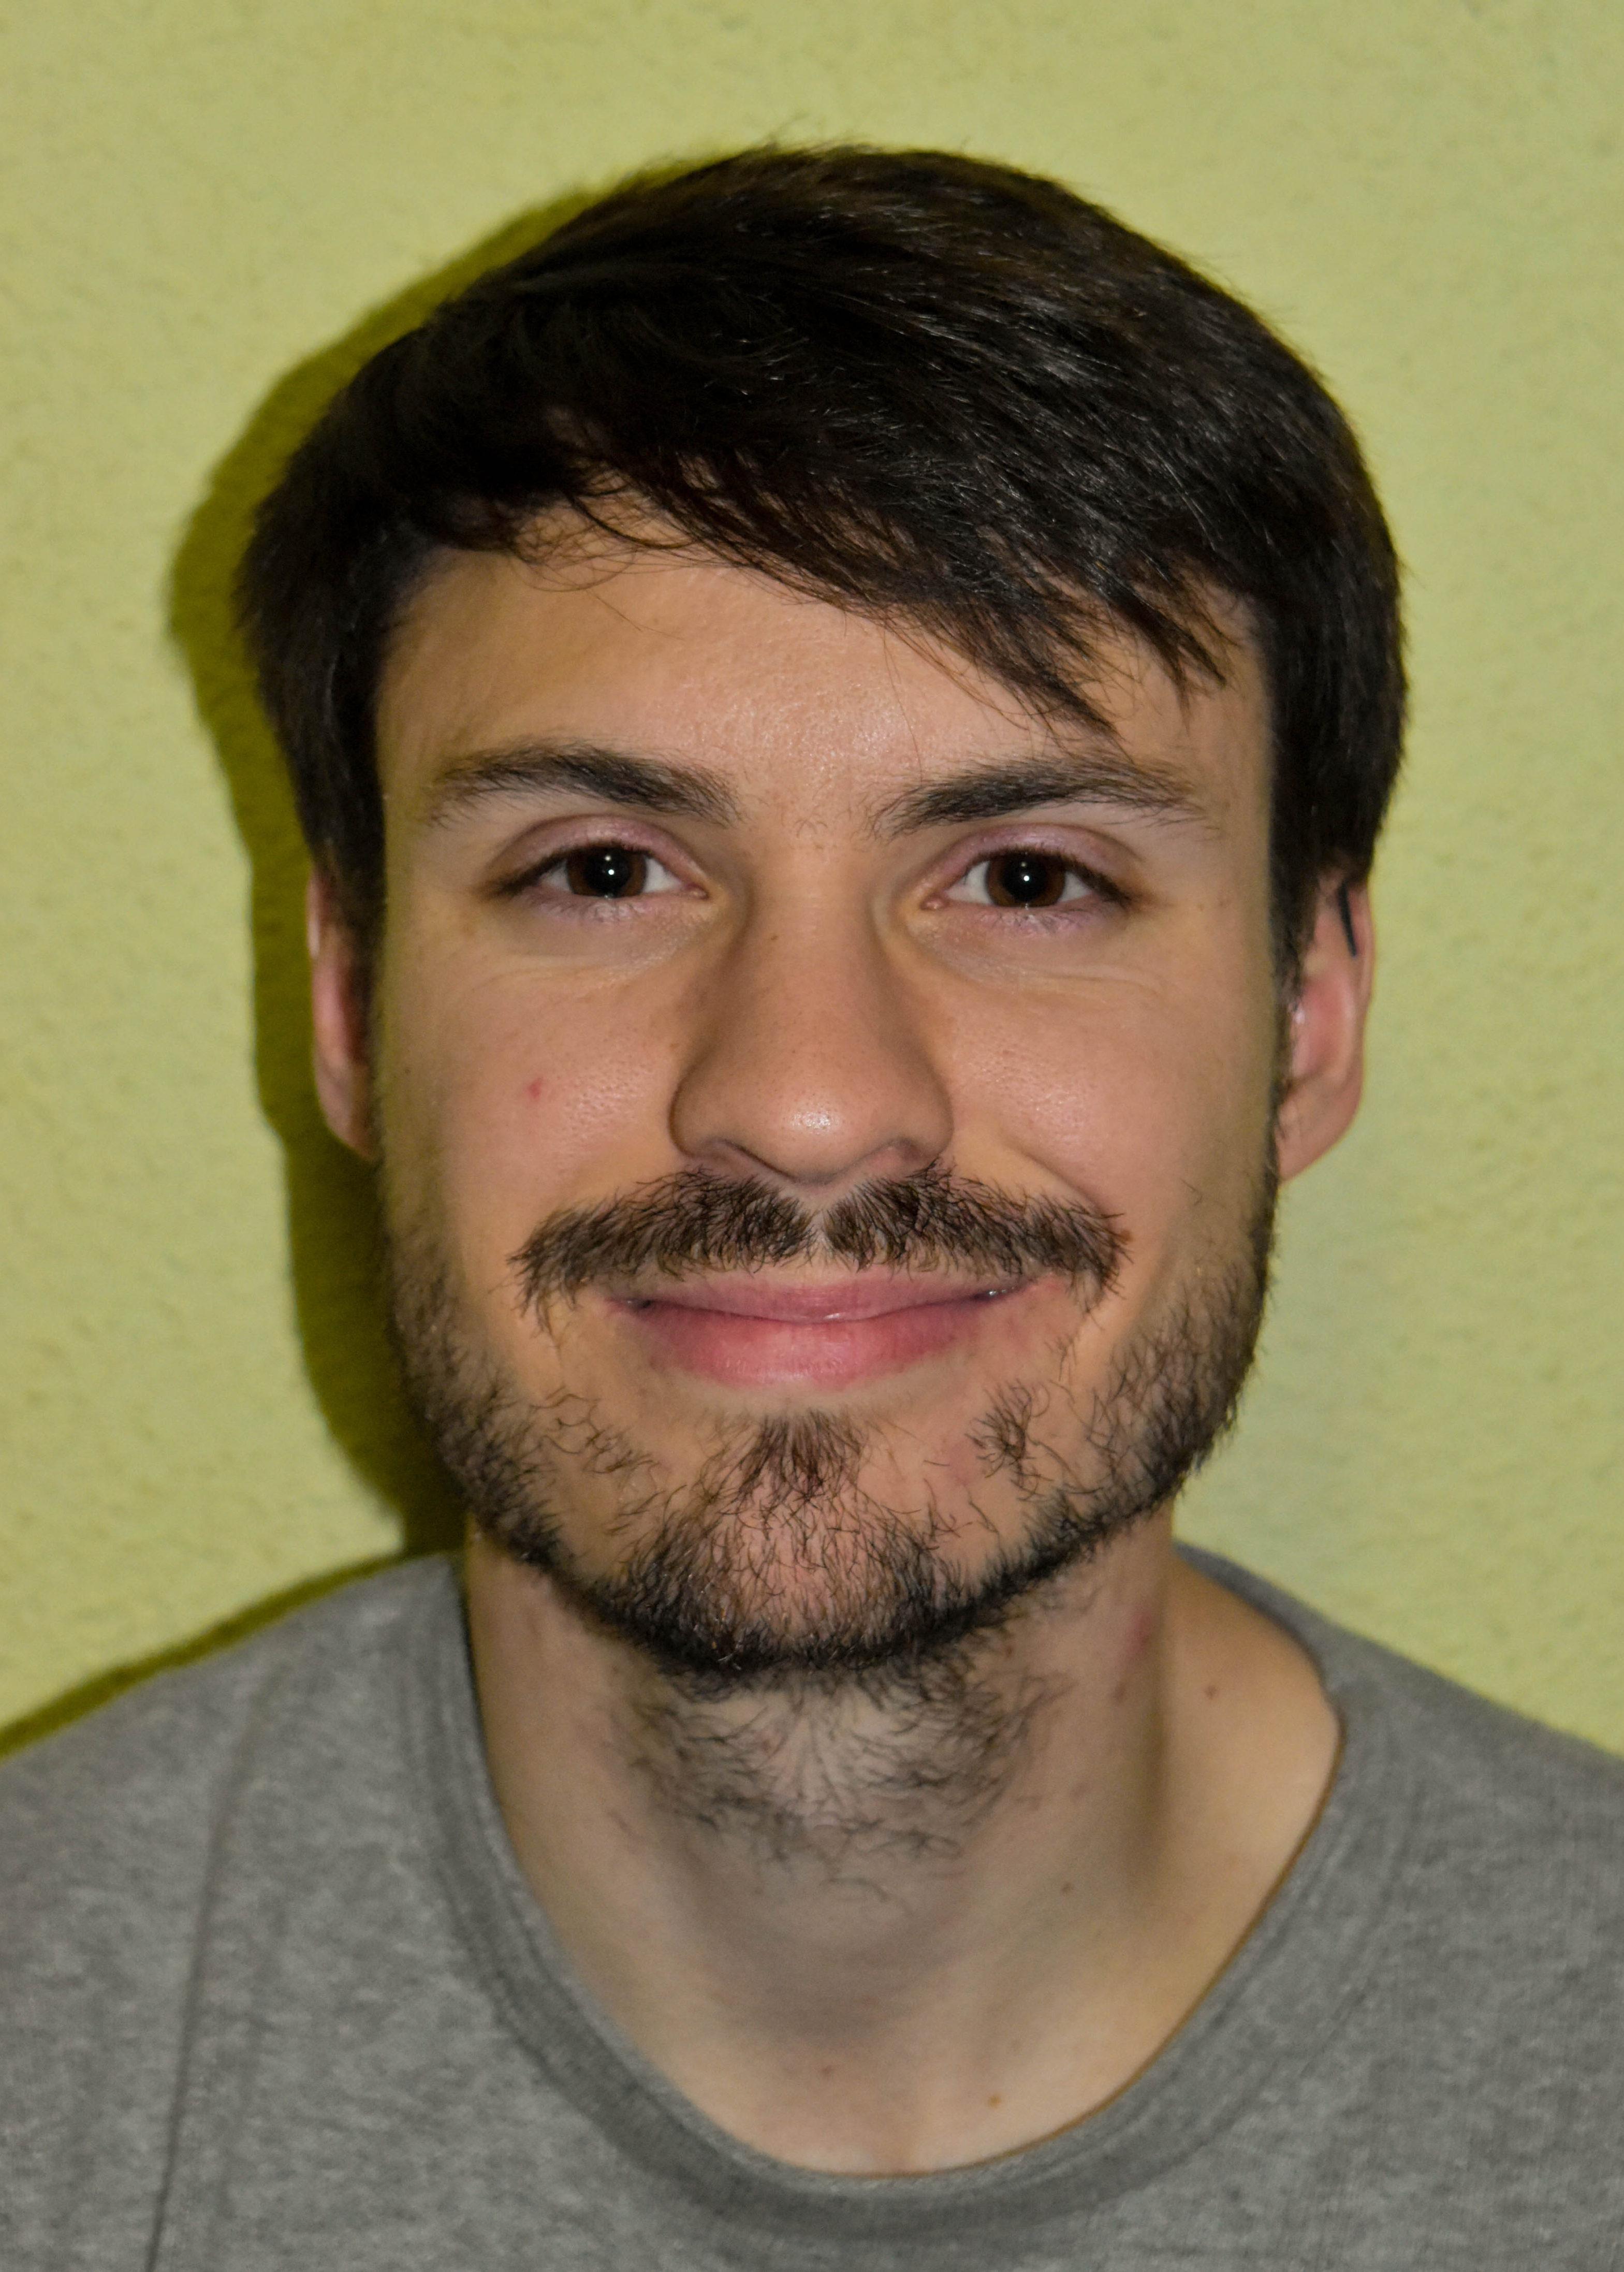 David Escobar Toledo